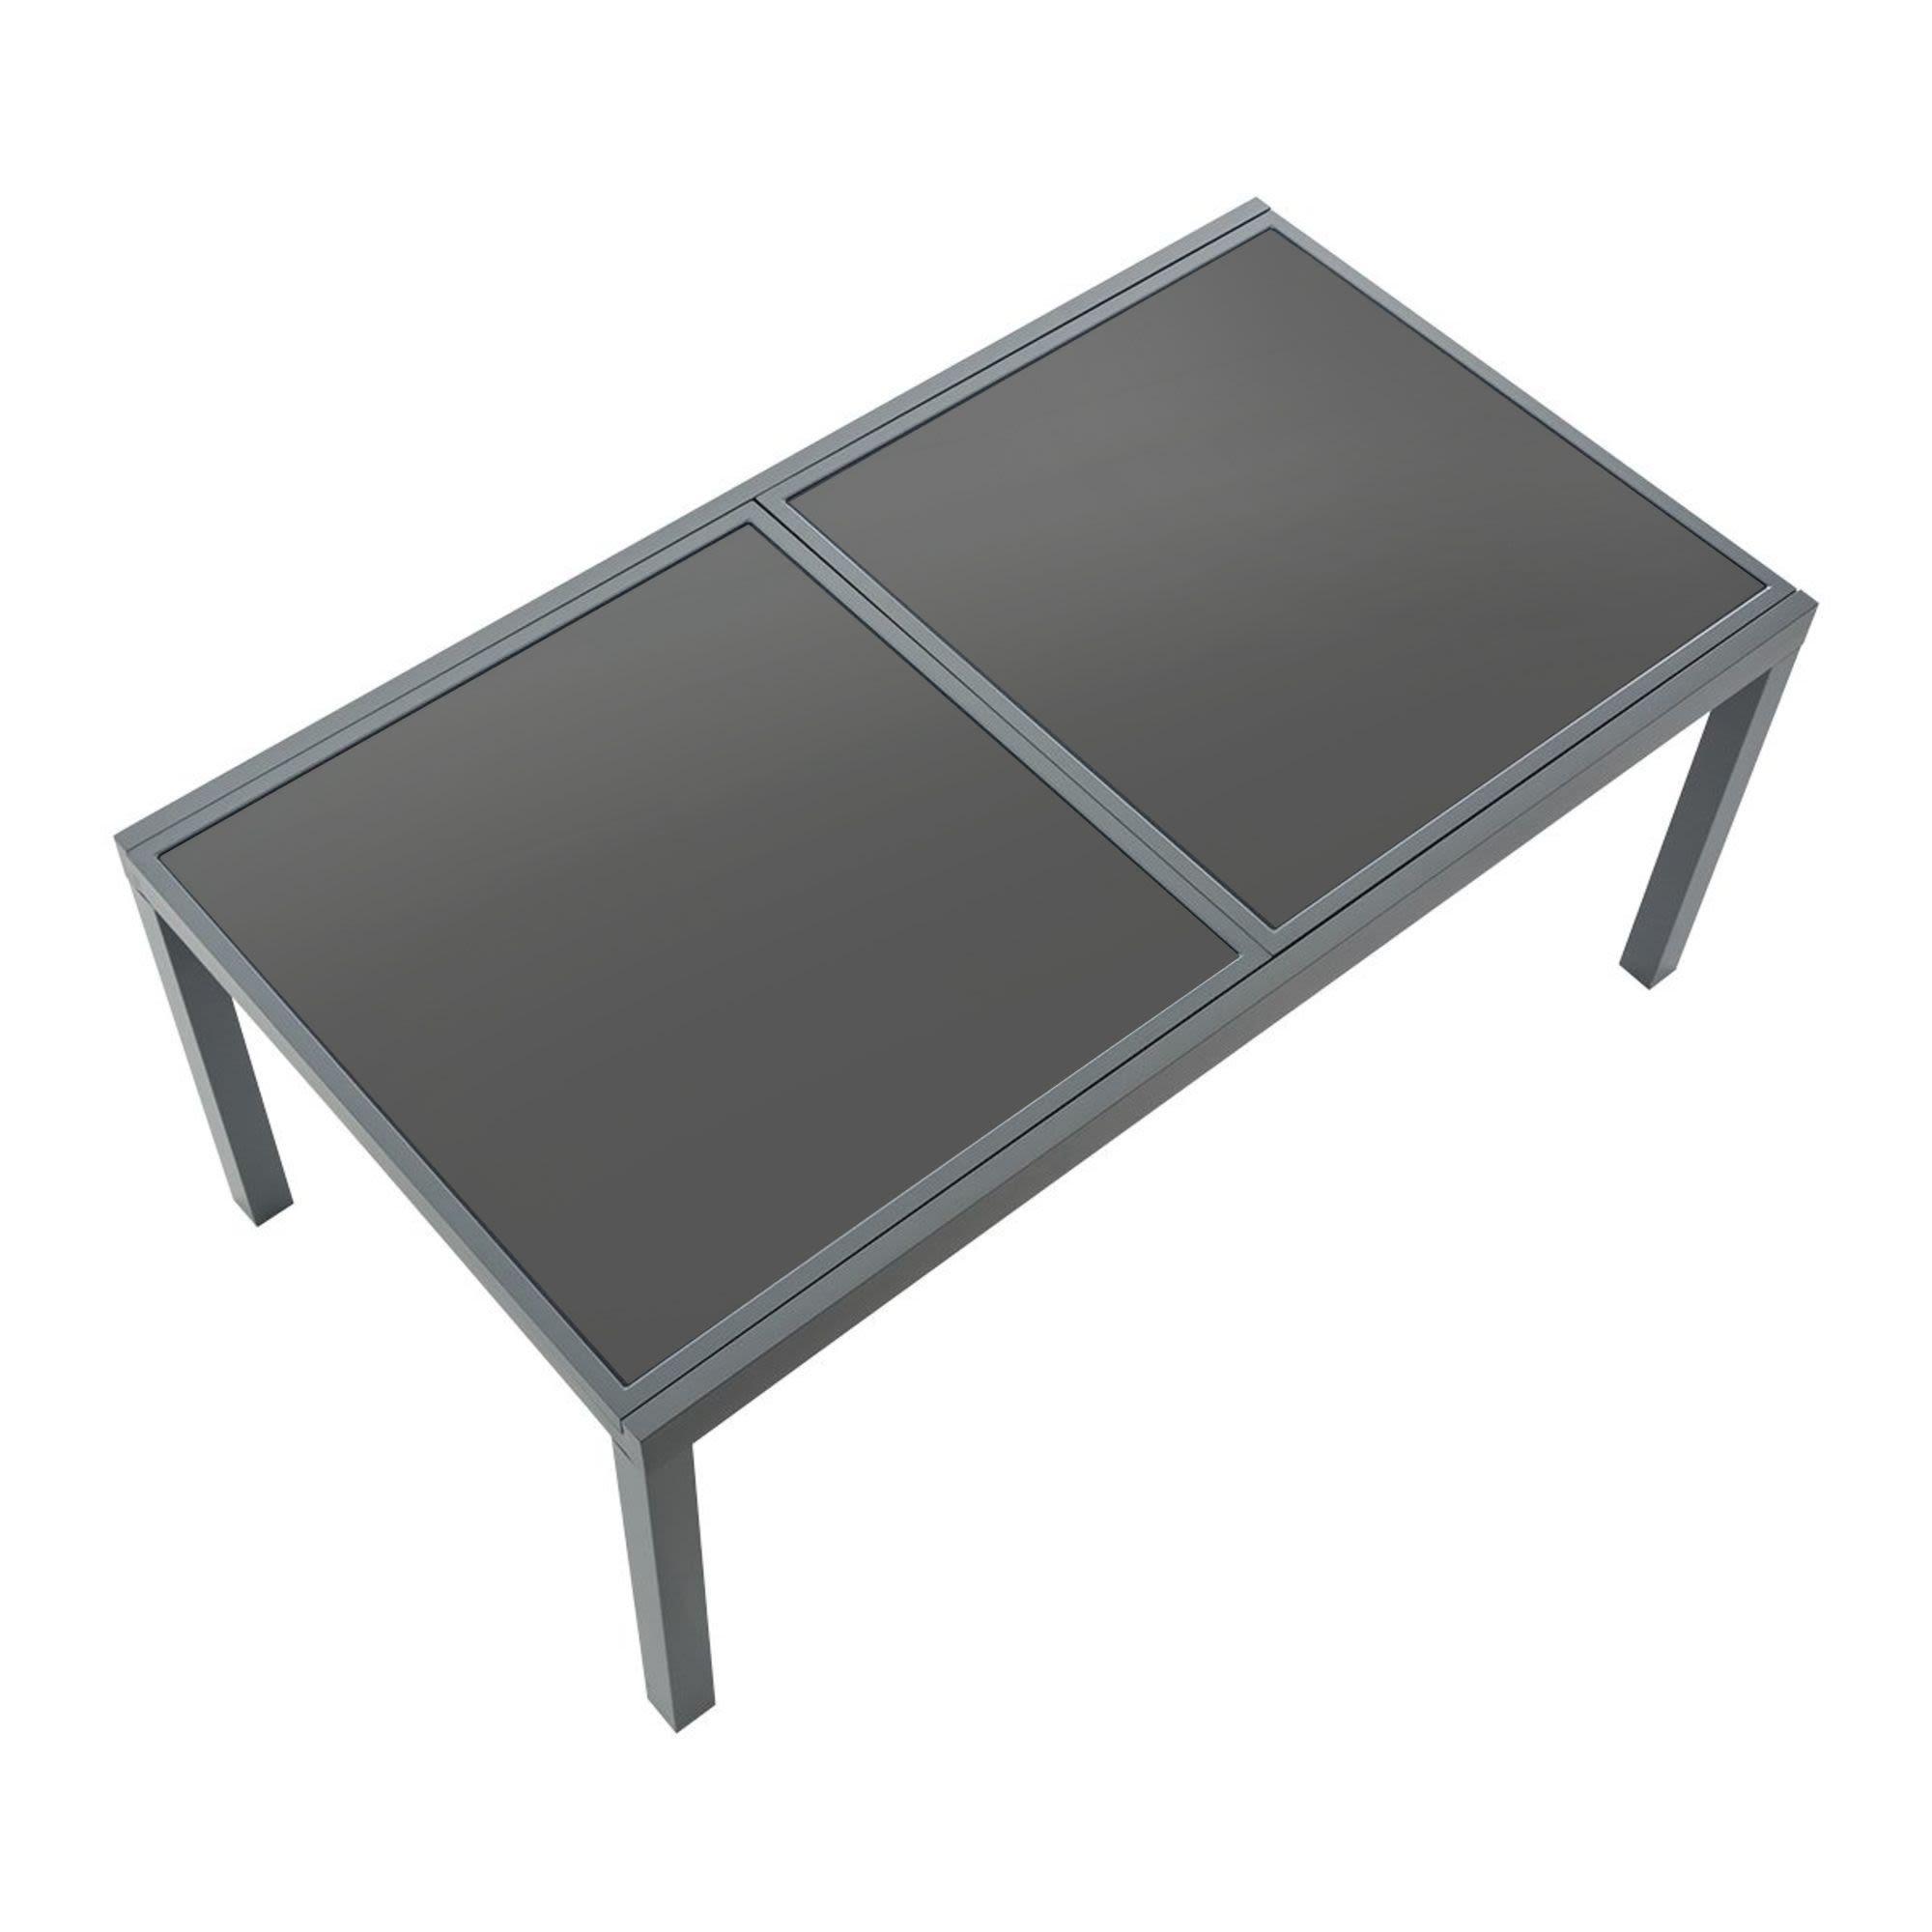 Gartentisch ausziehbar kunststoff  Kunststoff Gartentisch. Good Allibert Gartentisch L X B X H Cm ...